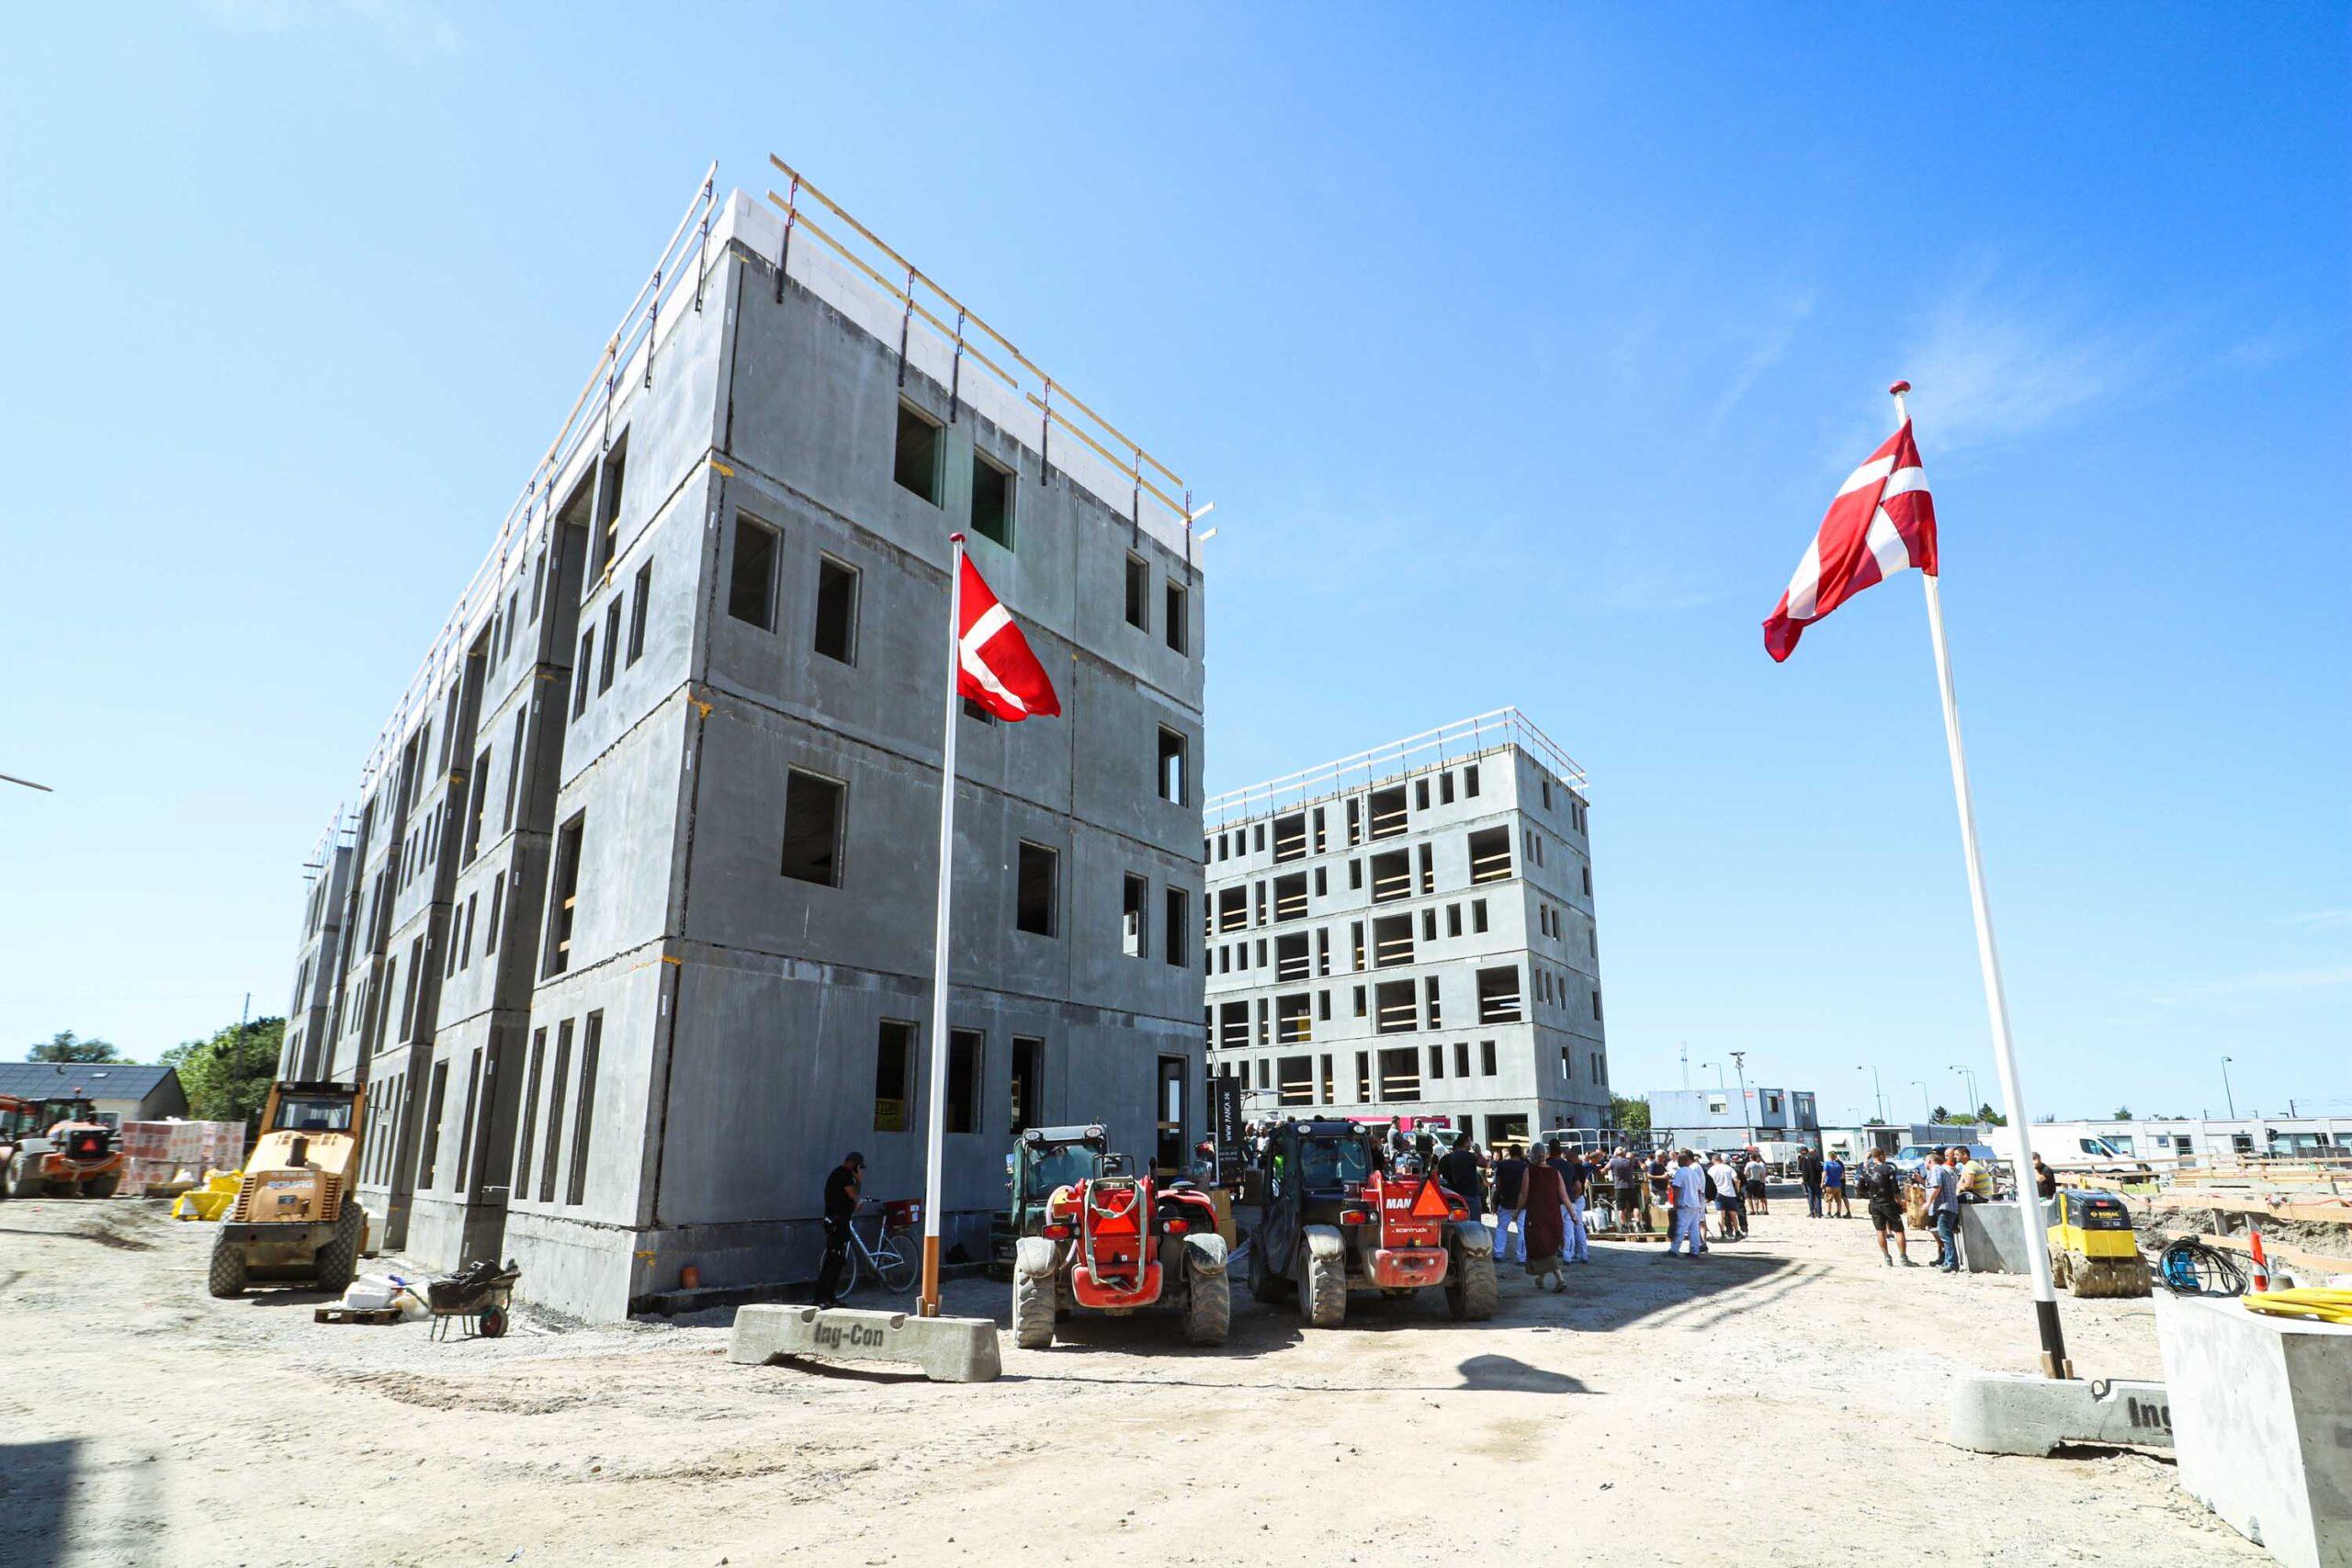 2019-07-10 Rejsegilde Røllike Hus